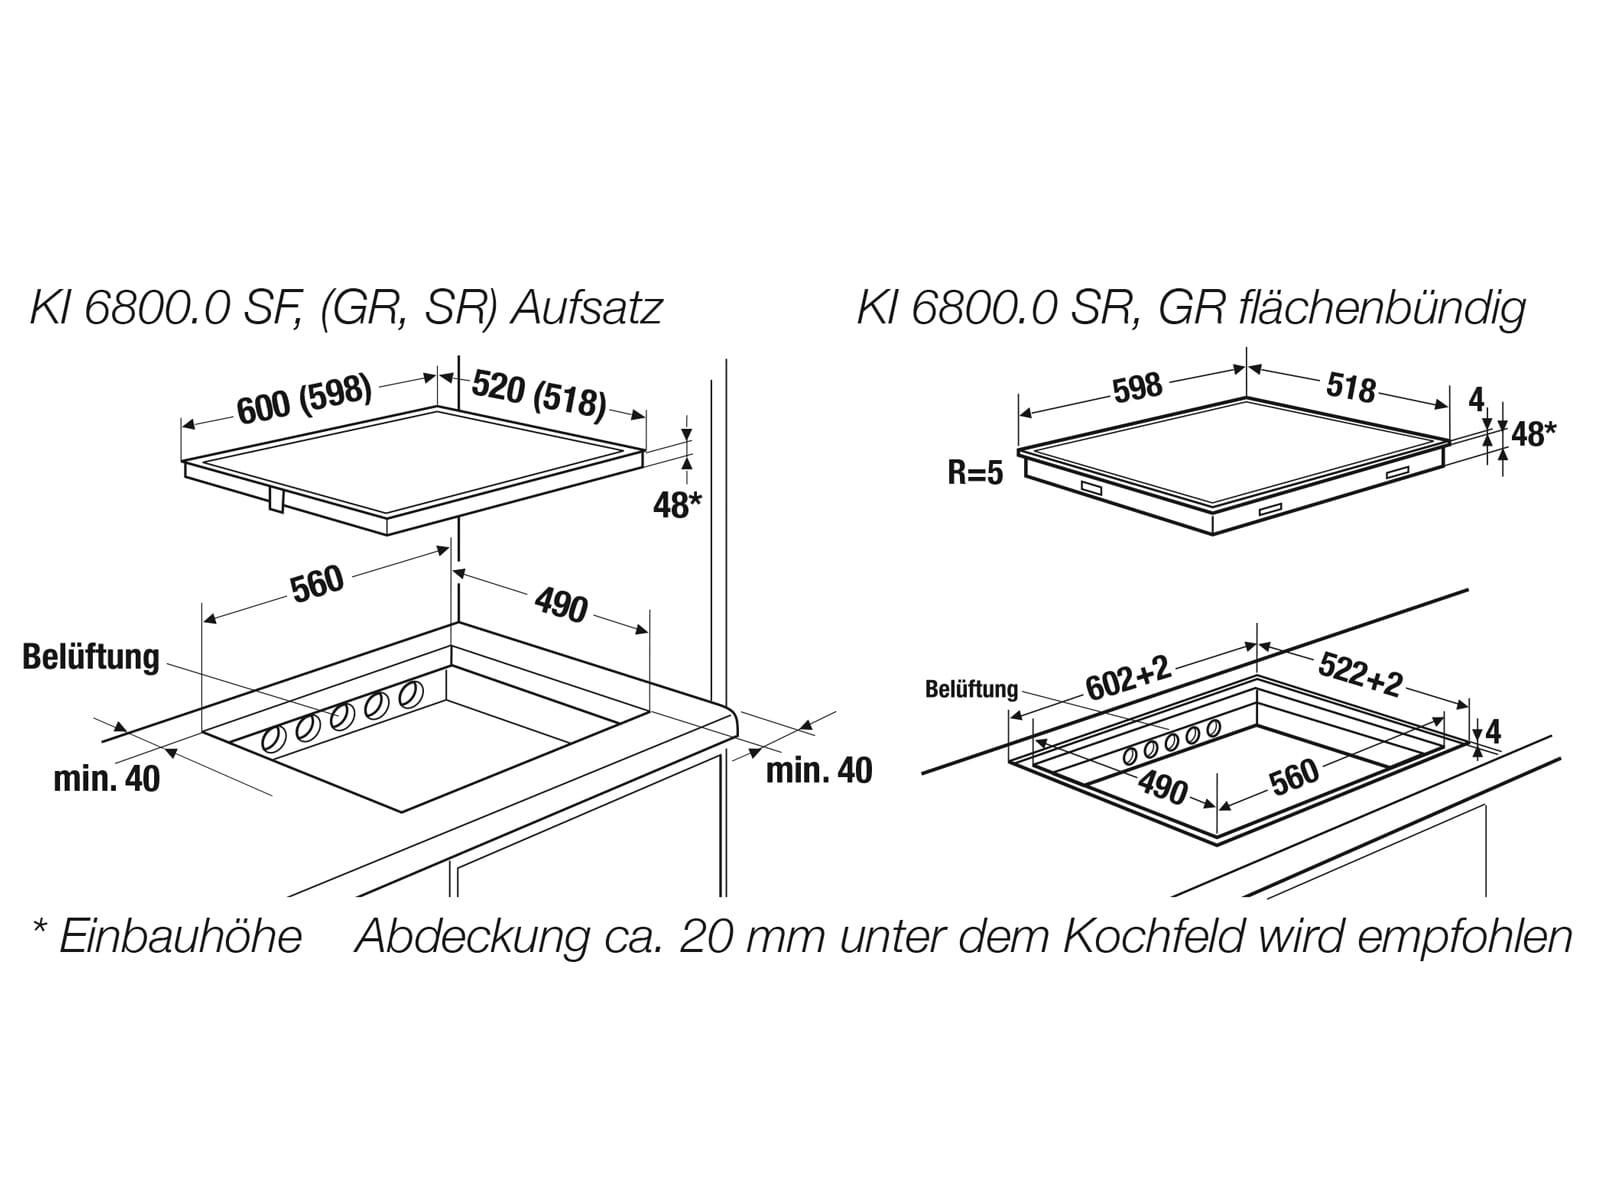 Küppersbusch KI 6800.0 GR K-Series. 8 Induktionskochfeld autark